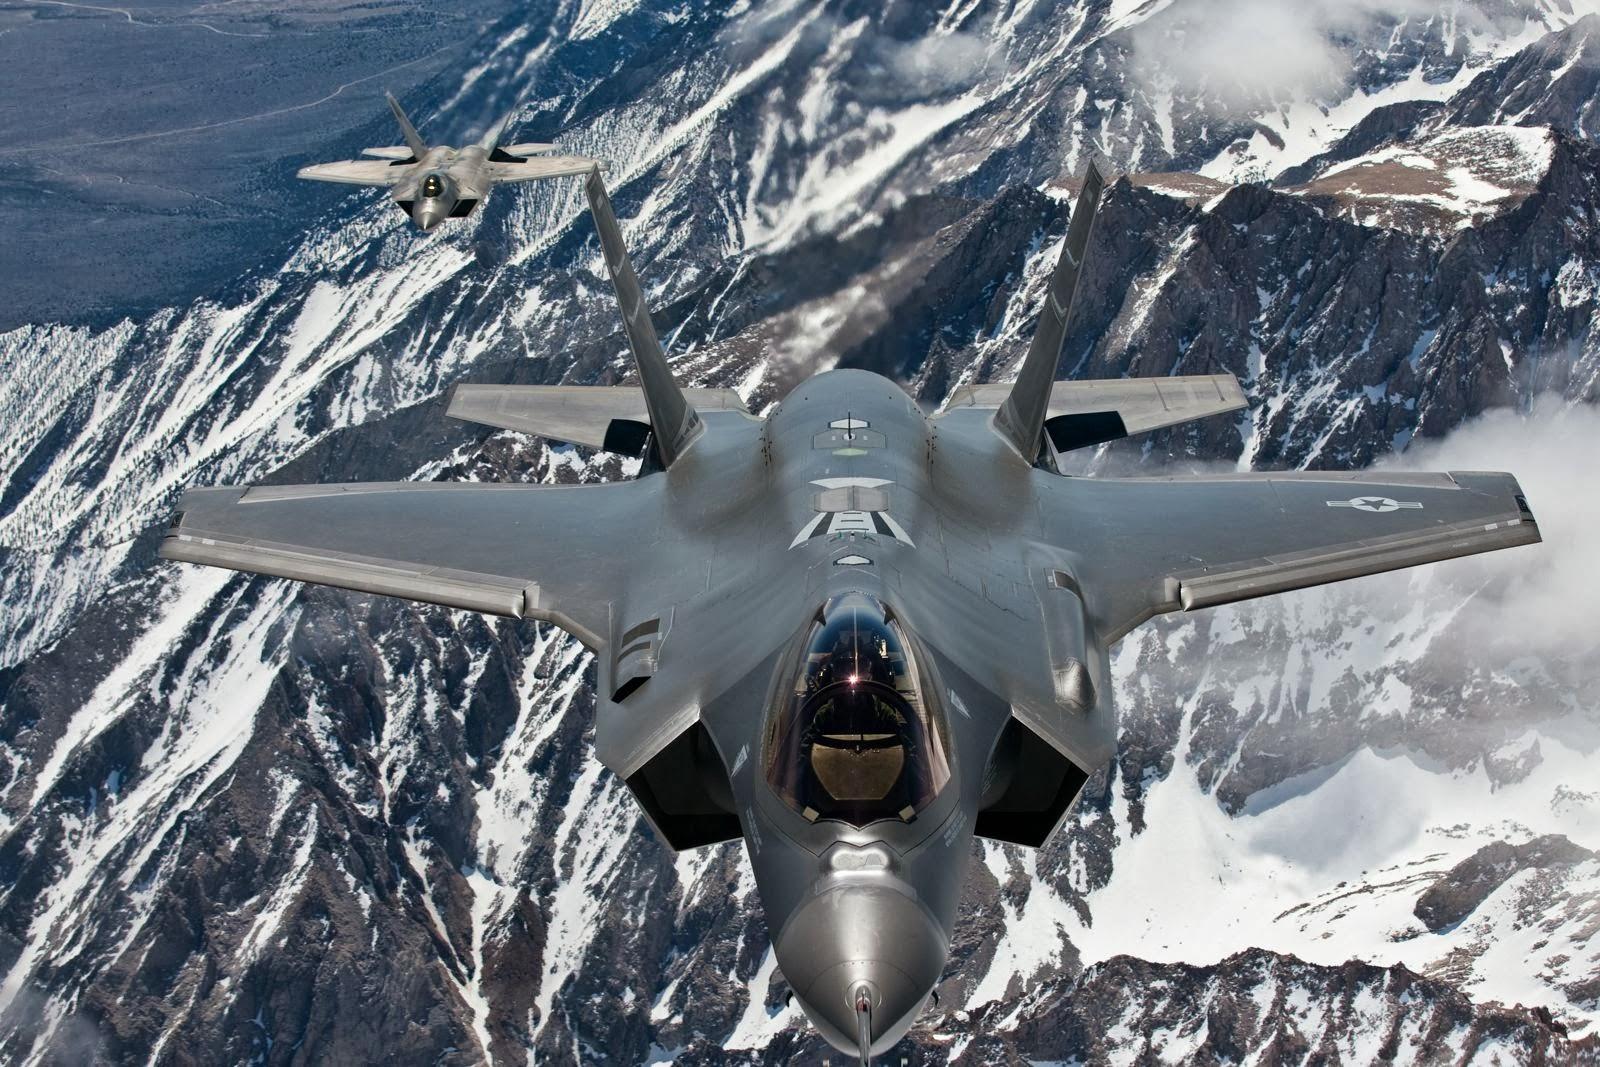 Estimativa de custo de meia vida do F-35 é avaliada em US$ 1,45 tri